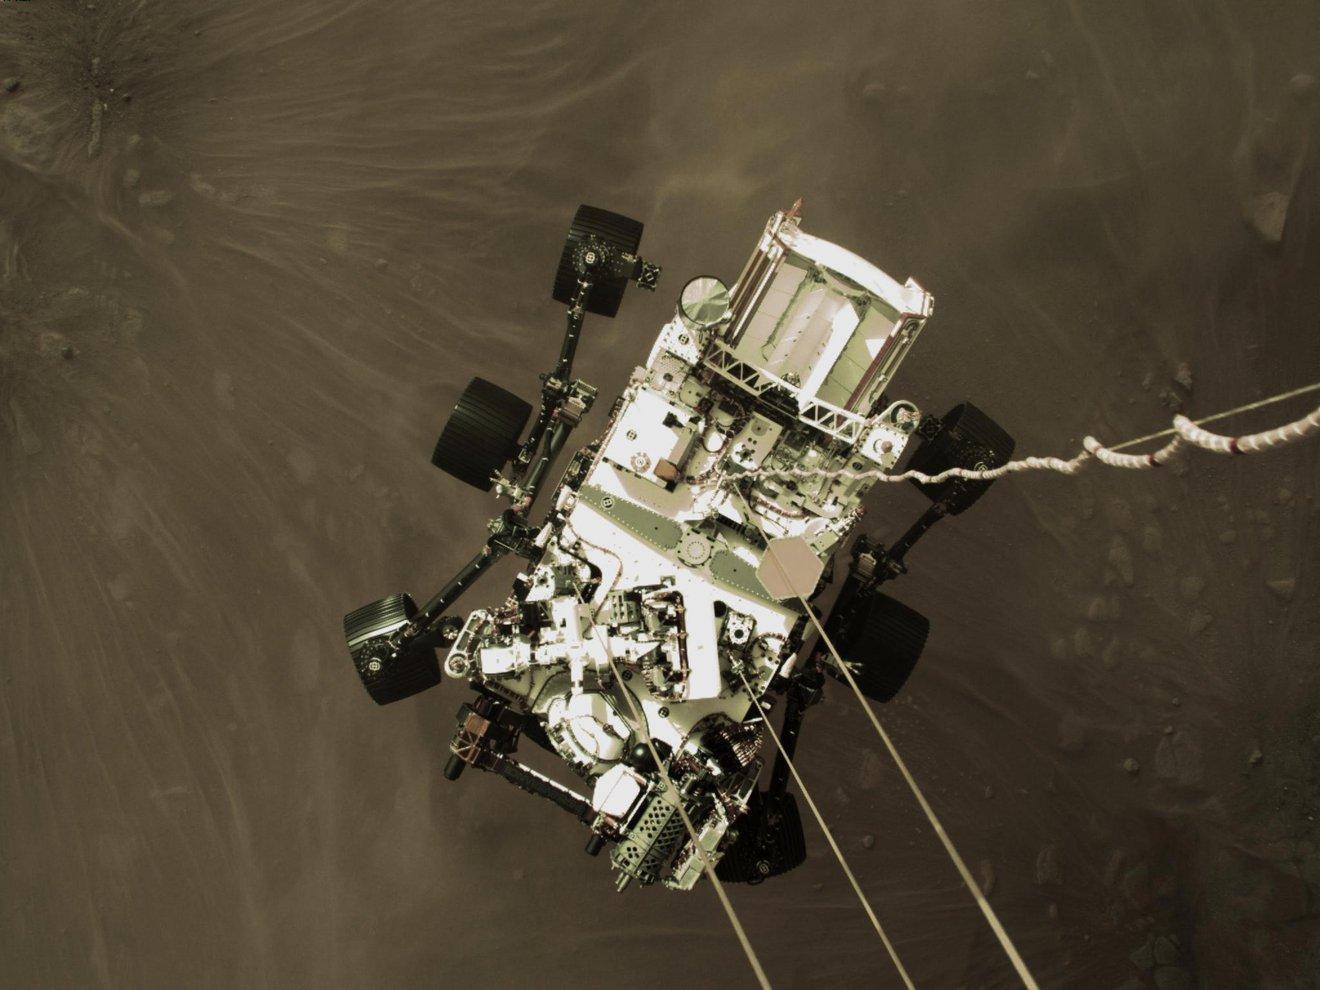 El Rover de la NASA Perseverance nos ha enviado un adelanto de lo que fue su aterrizaje en Marte.